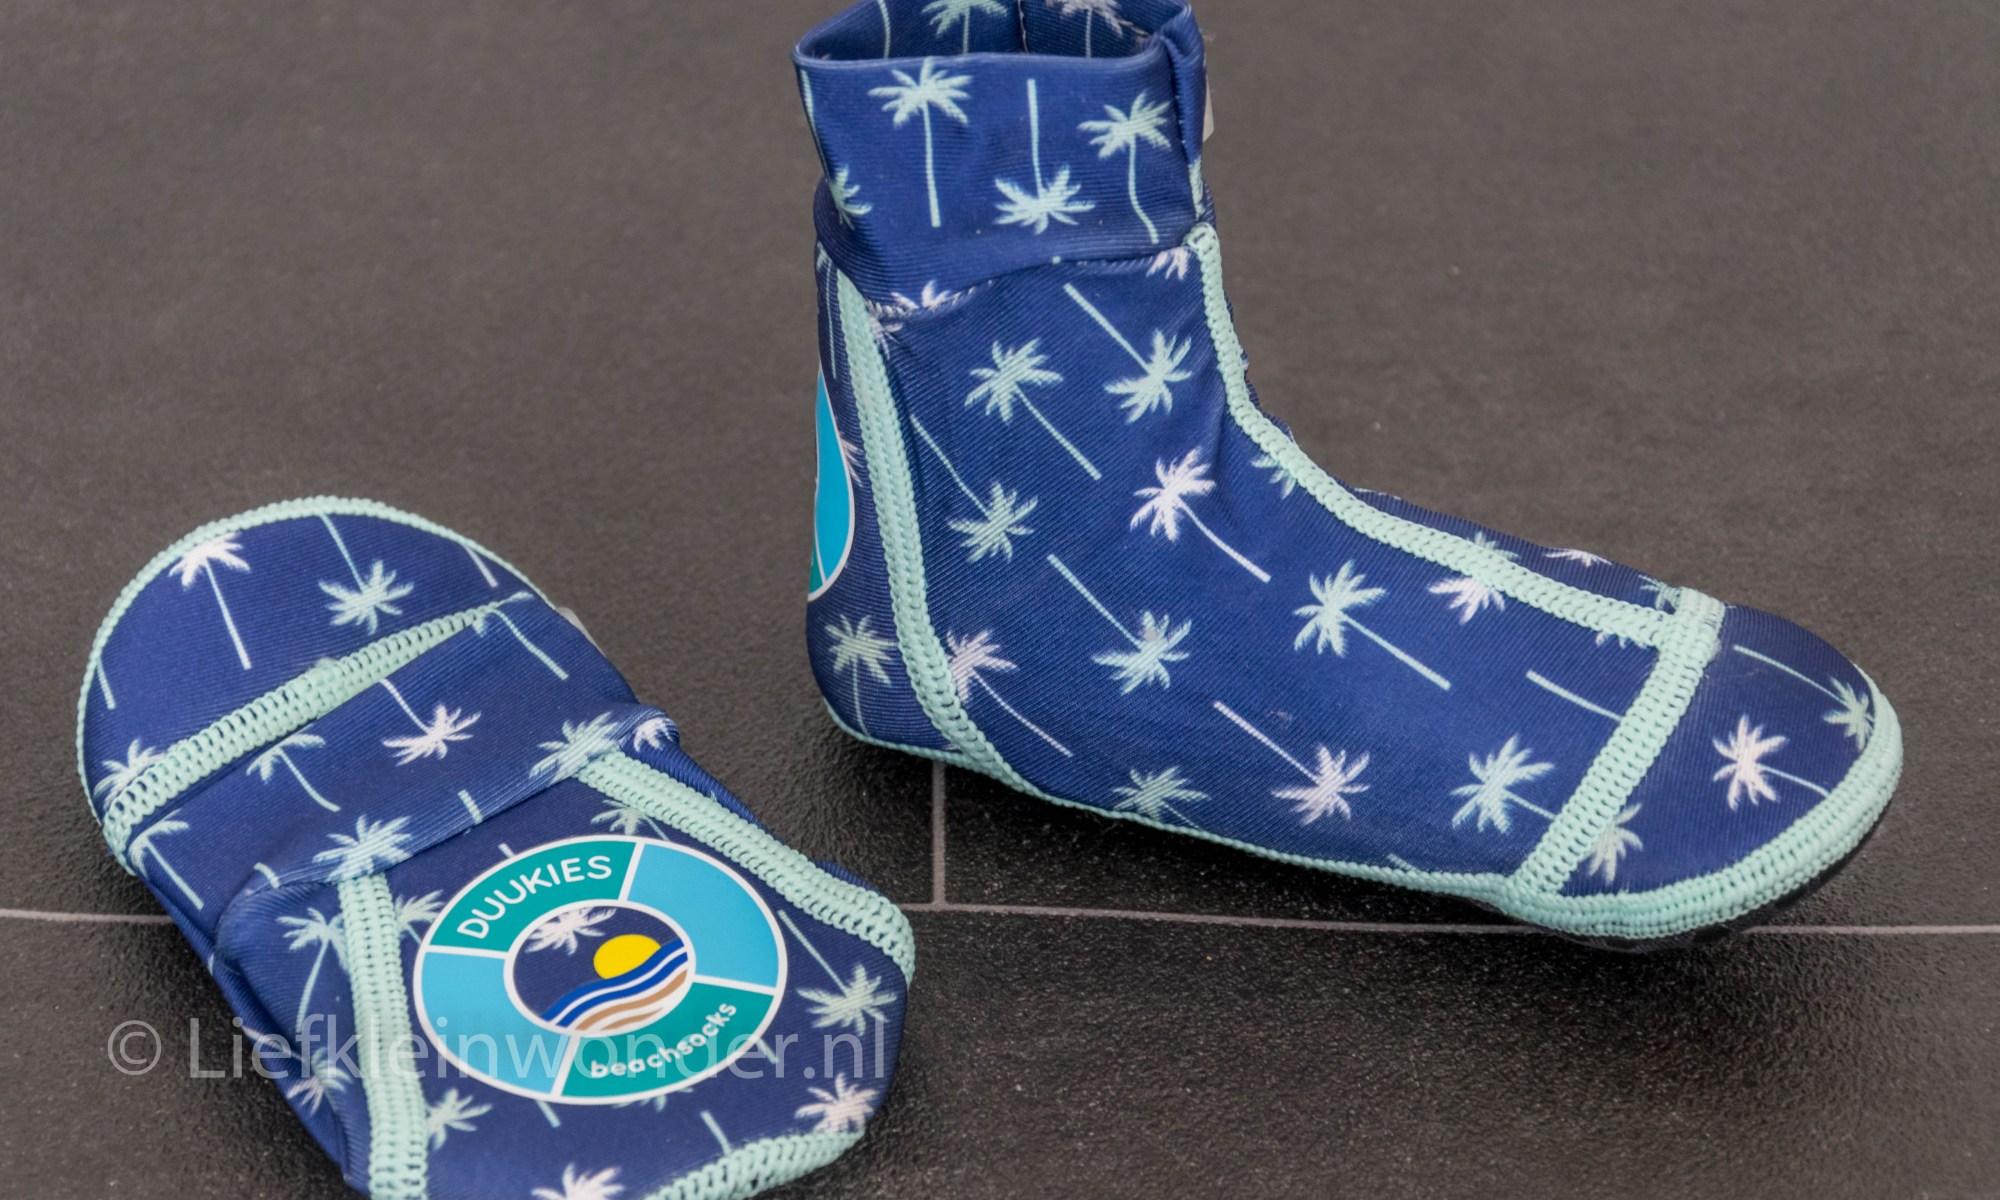 Duukies Beachsocks strand sokken waterschoenen - pakketje Duke